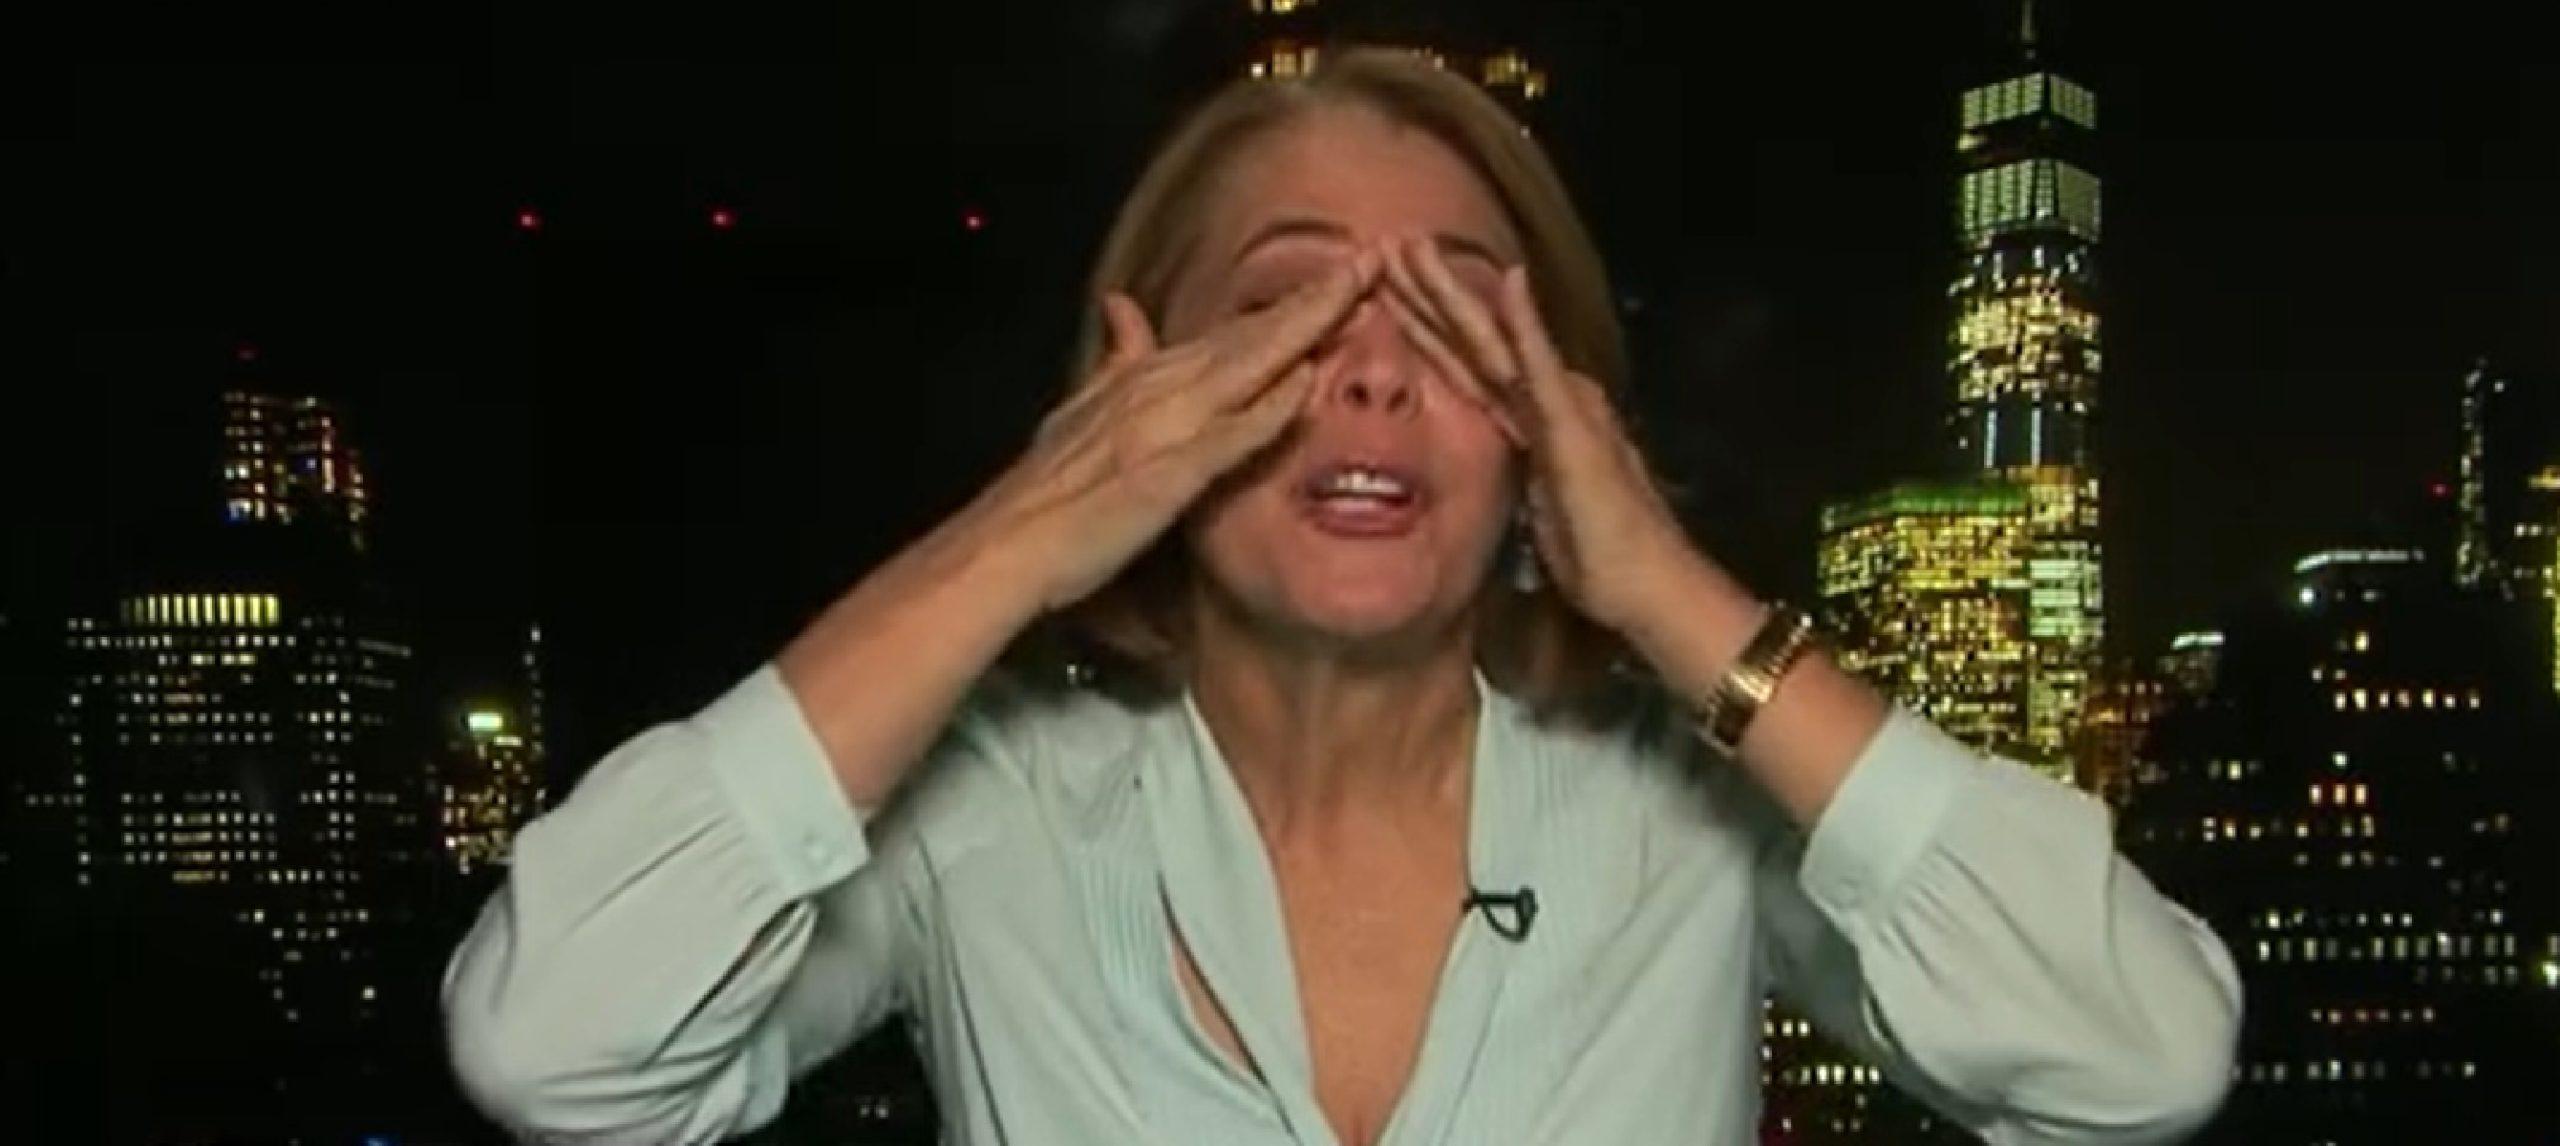 Sandra Coutinho chorou ao vivo na GloboNews (foto: reprodução)